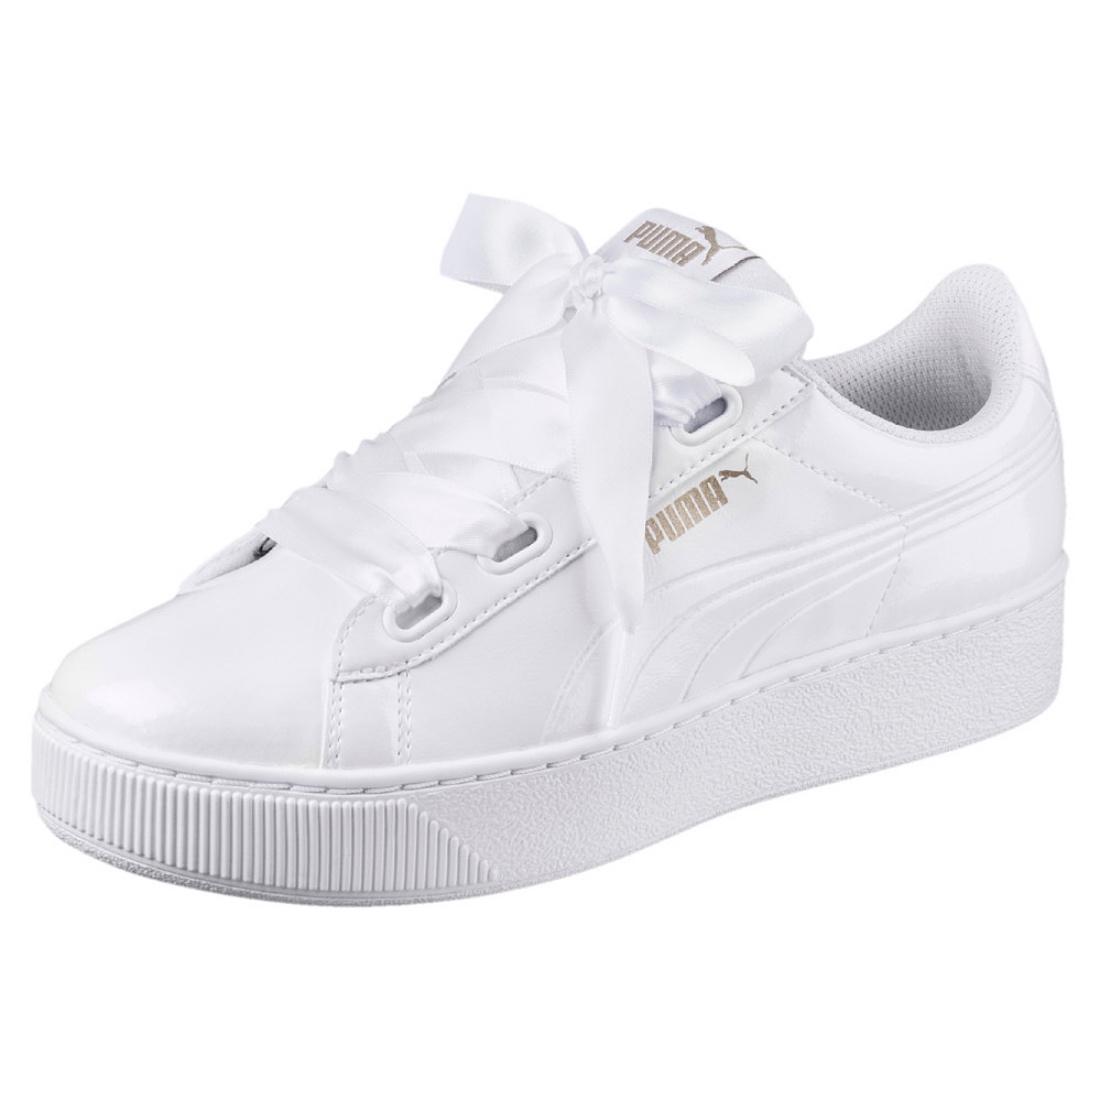 ac4fe3e850fa47 Details about Puma Vikky Platform Ribbon P Ladies Sneaker Shoes 366419  White Lacquer